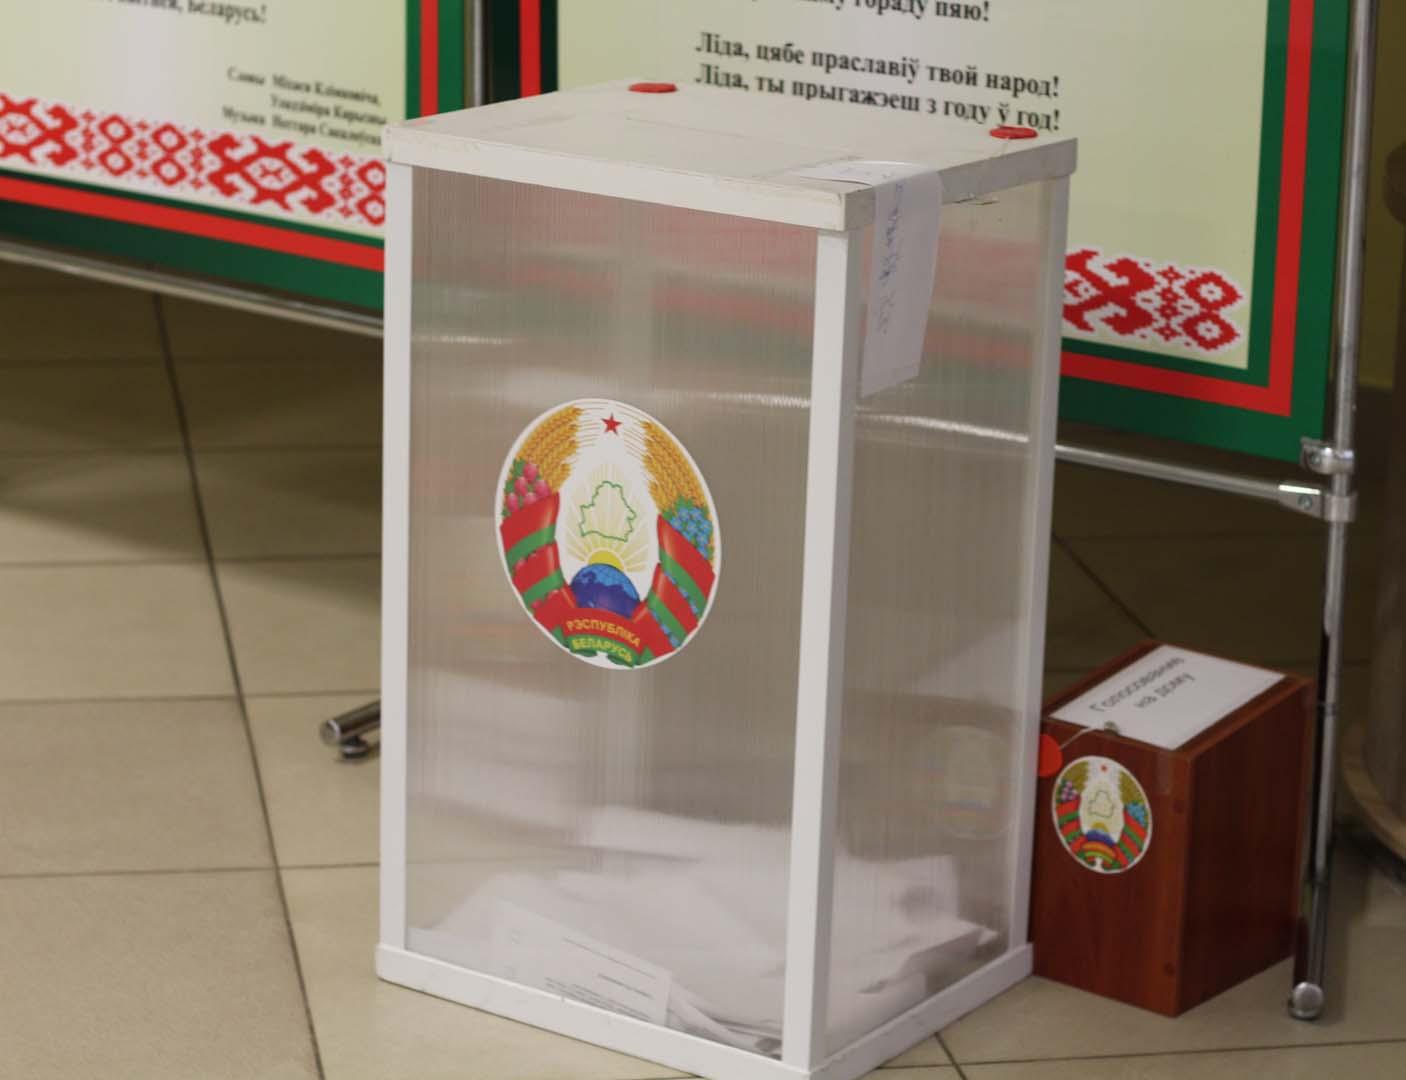 Кампания по выборам депутатов Палаты представителей была организована достойно.